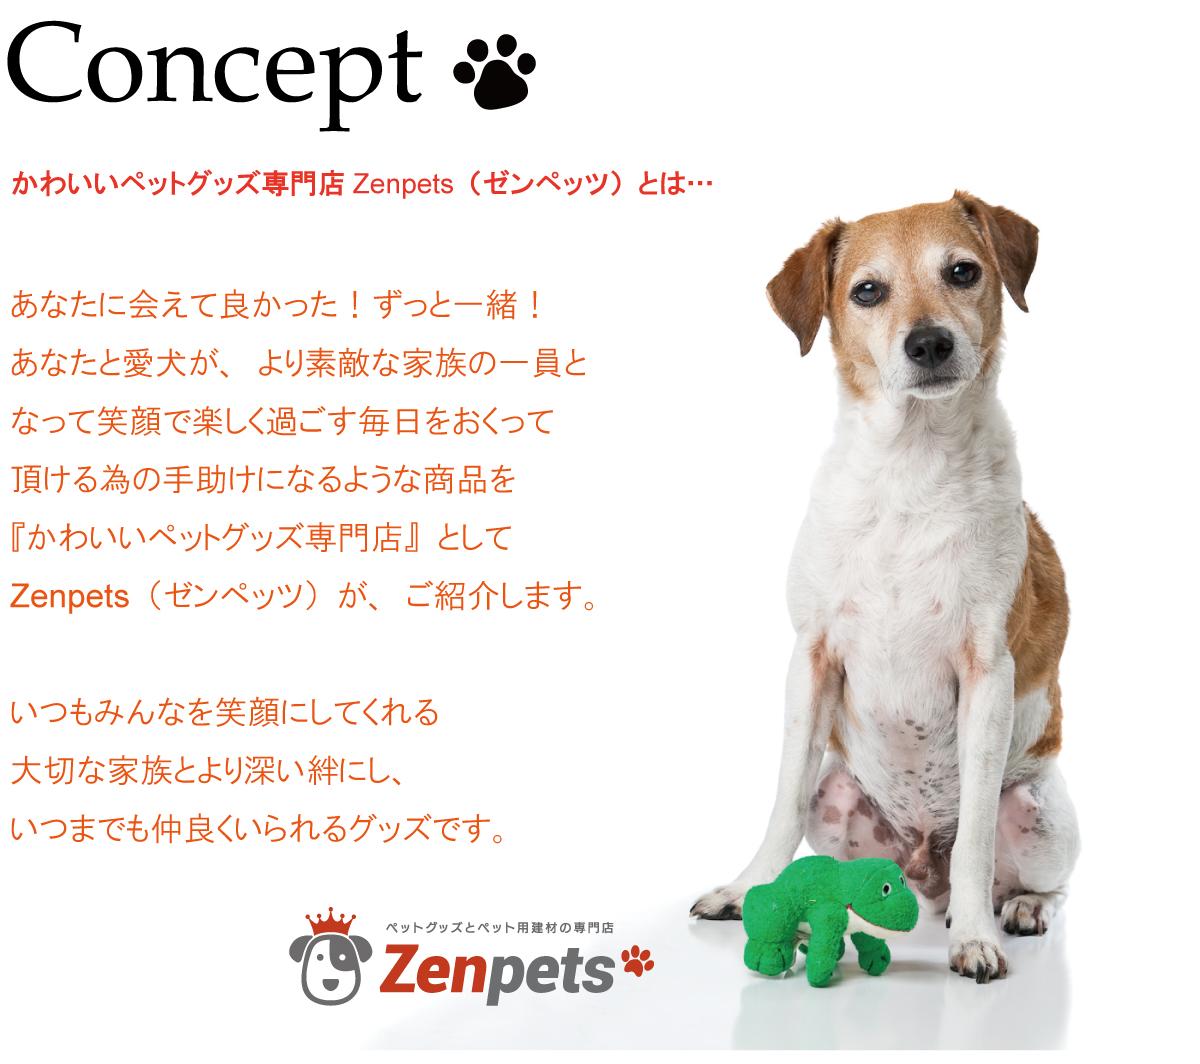 Concept・かわいいペットグッズ専門店Zenpets(ゼンペッツ)とは…あなたに会えて良かった!ずっと一緒!あなたと愛犬が、より素敵な家族の一員となって笑顔で楽しく過ごす毎日をおくって頂ける為の手助けになるような商品を『かわいいペットグッズ専門店』としてZenpets(ゼンペッツ)が、ご紹介します。いつもみんなを笑顔にしてくれる大切な家族とより深い絆にし、いつまでも仲良くいられるグッズです。